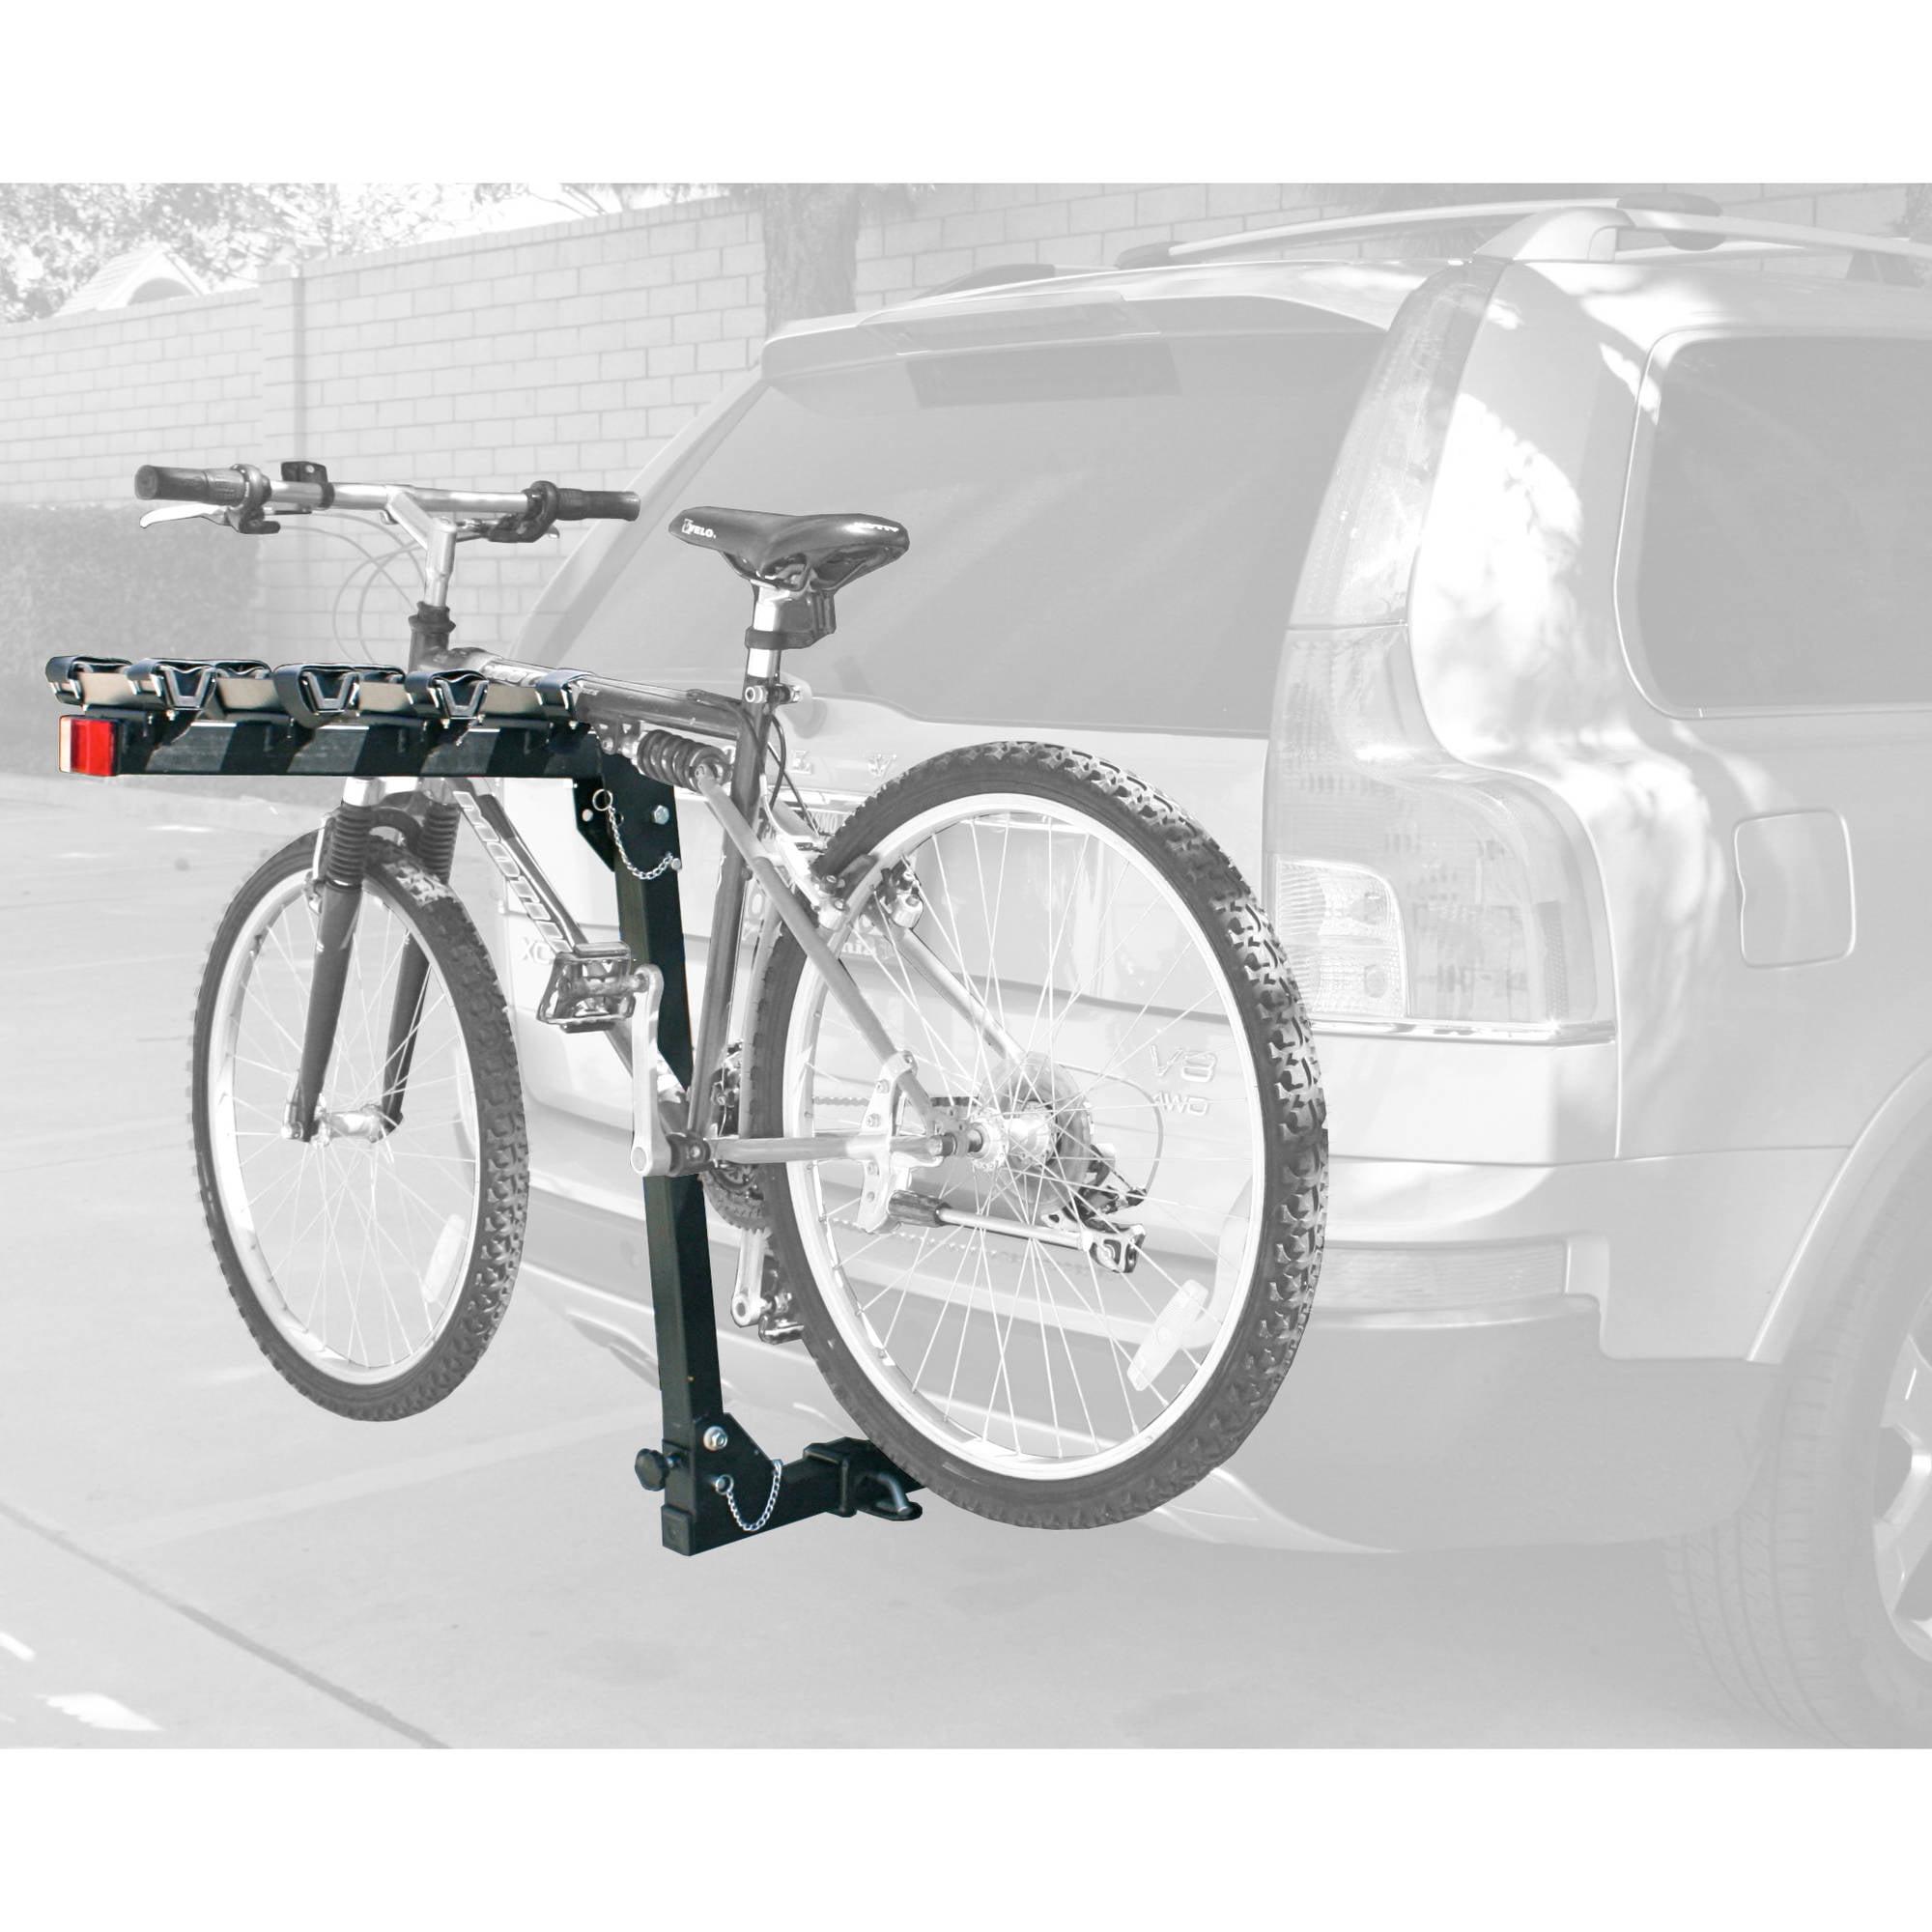 MaxWorks 70210 Hitch Mount 4-Bike Rack HD Series